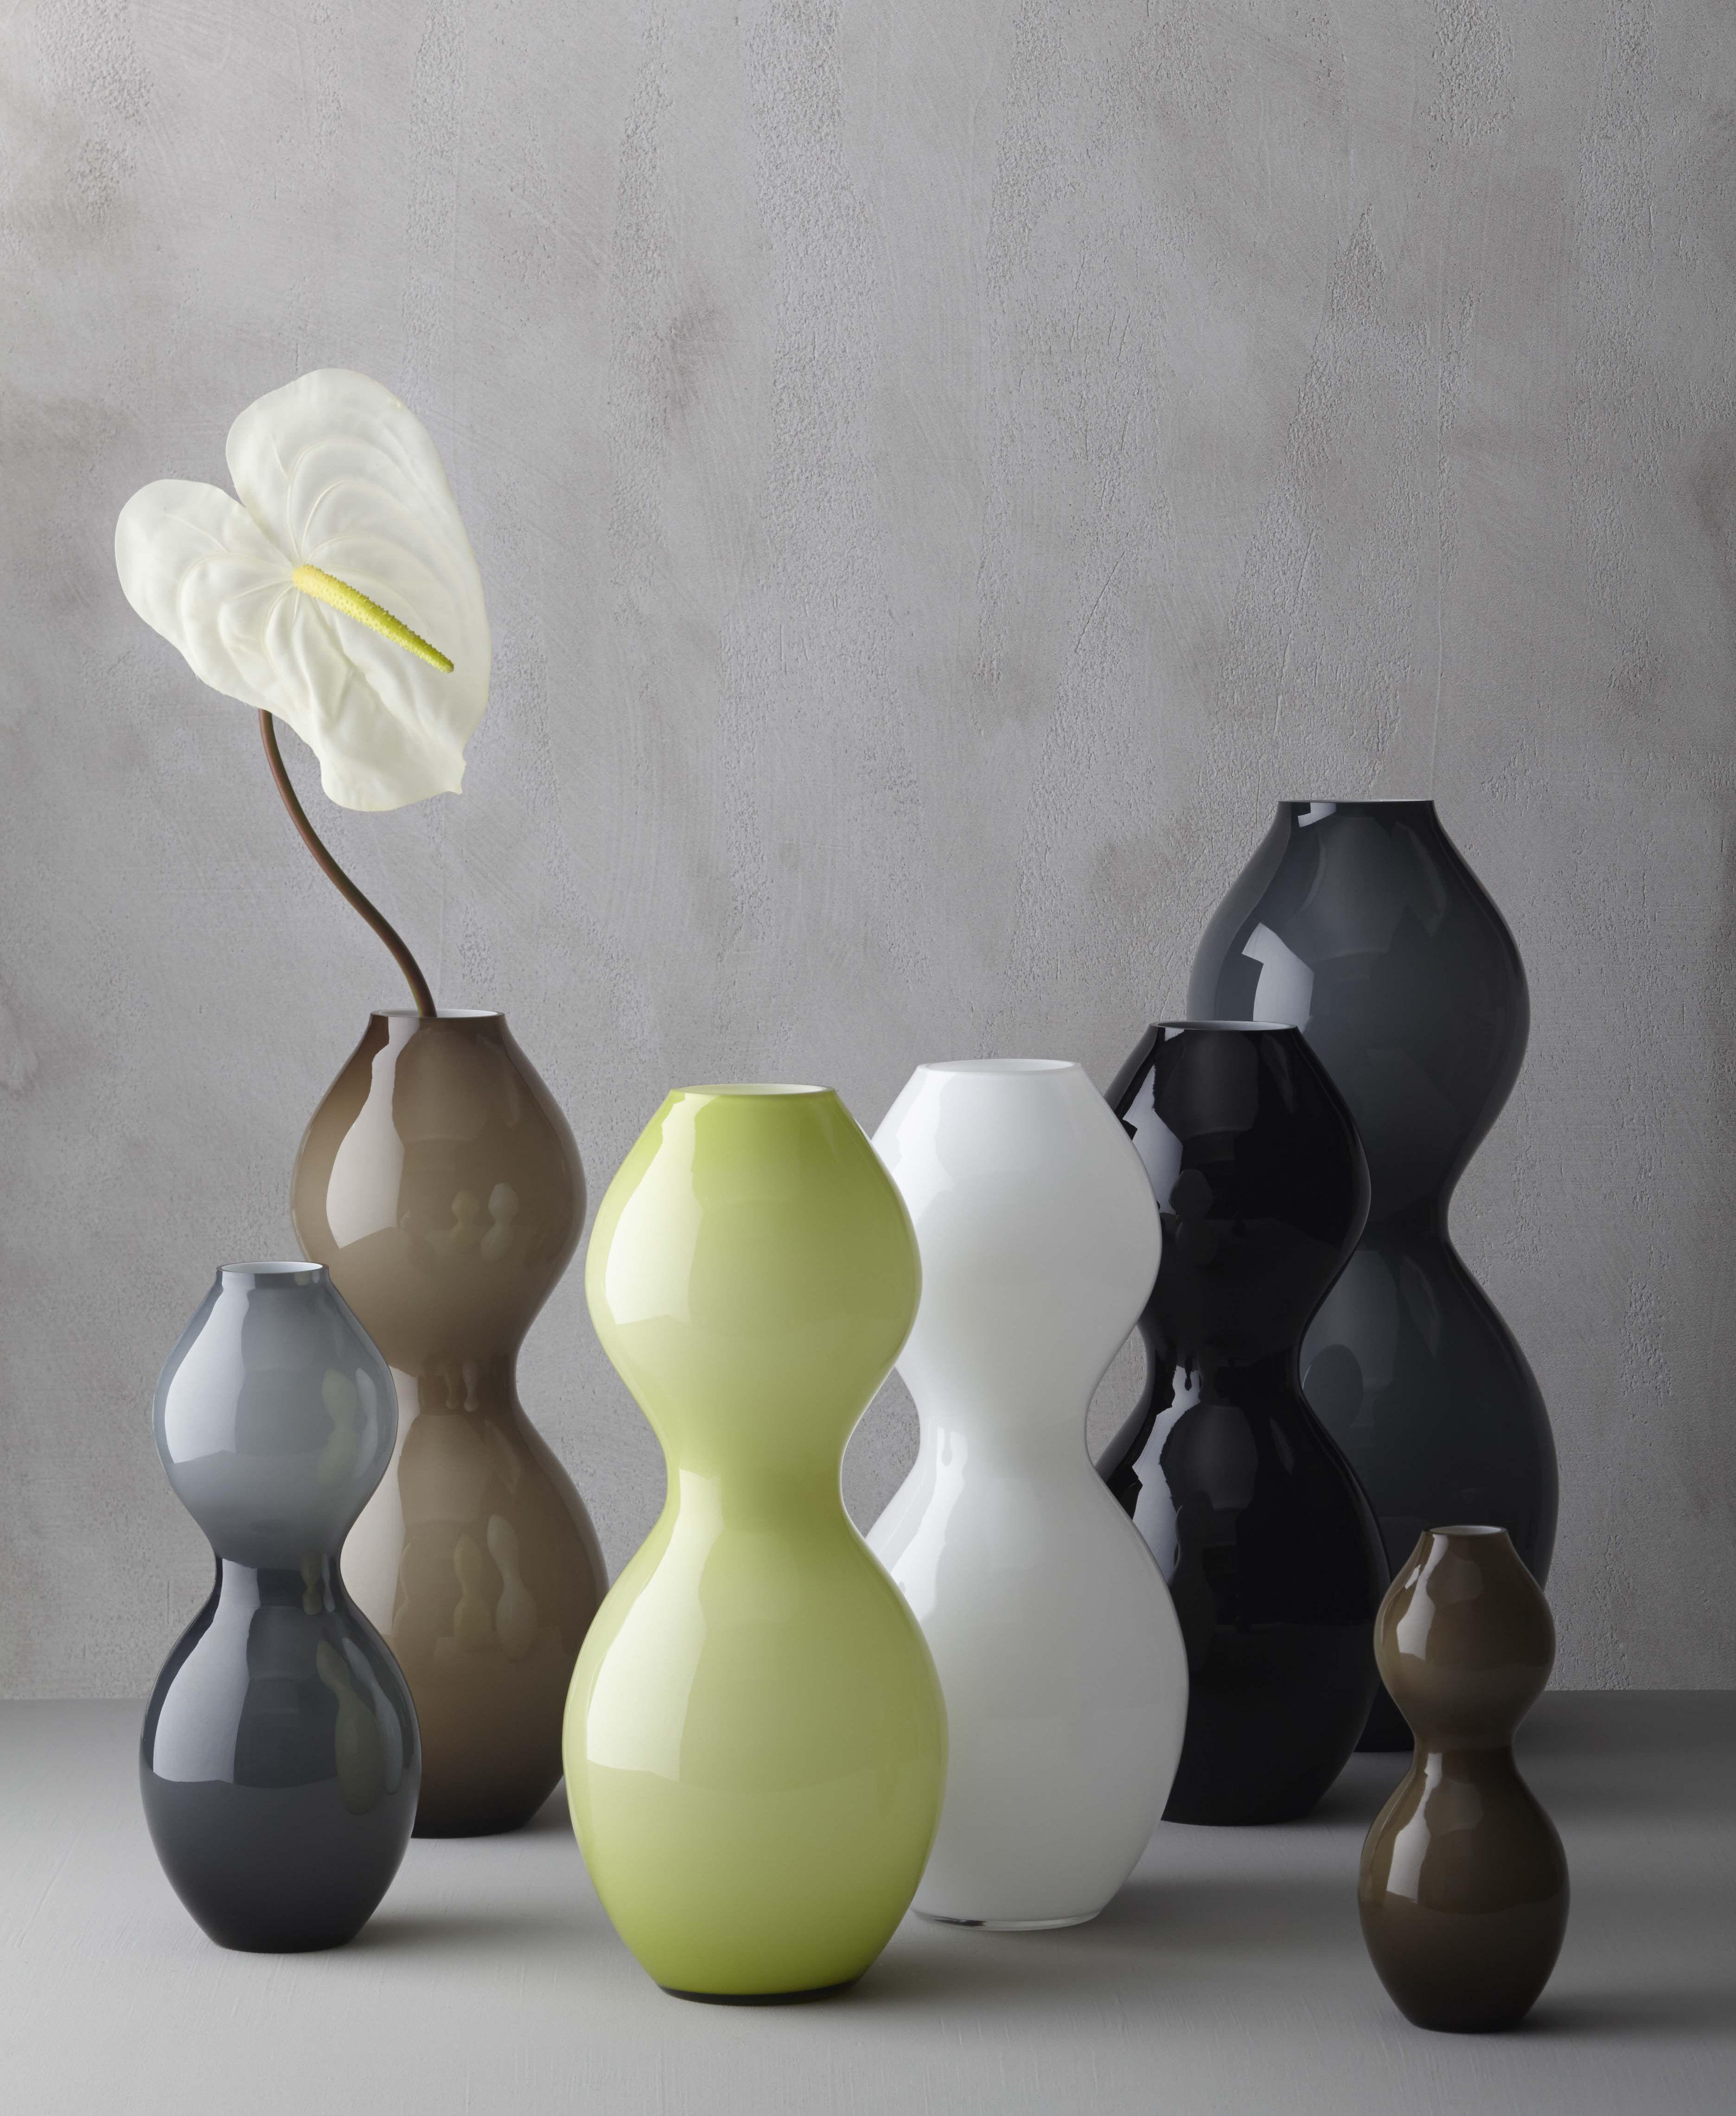 coco vase lime by leonardo. Black Bedroom Furniture Sets. Home Design Ideas